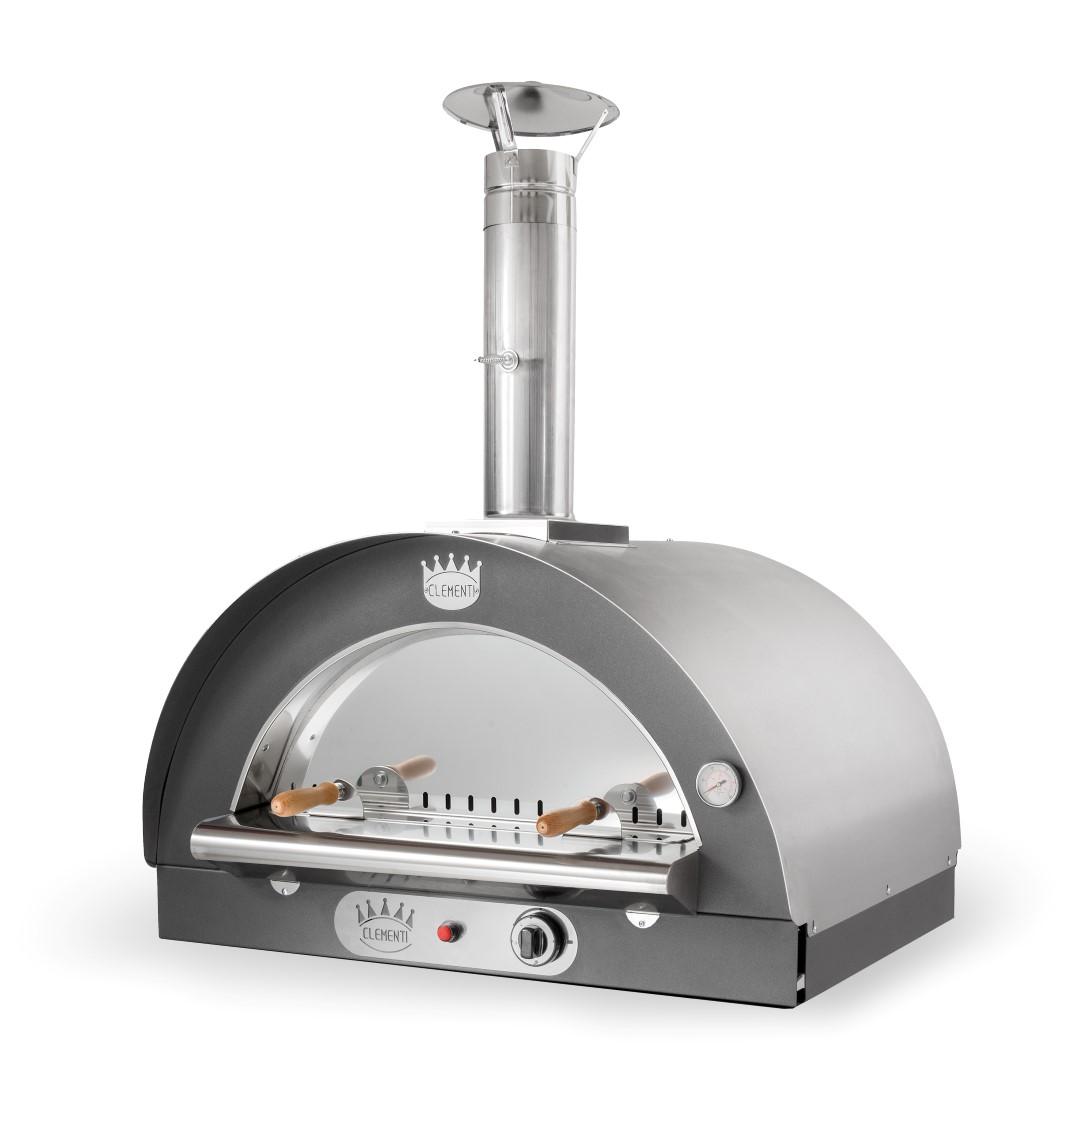 Pizzaoven Clementi Mondo